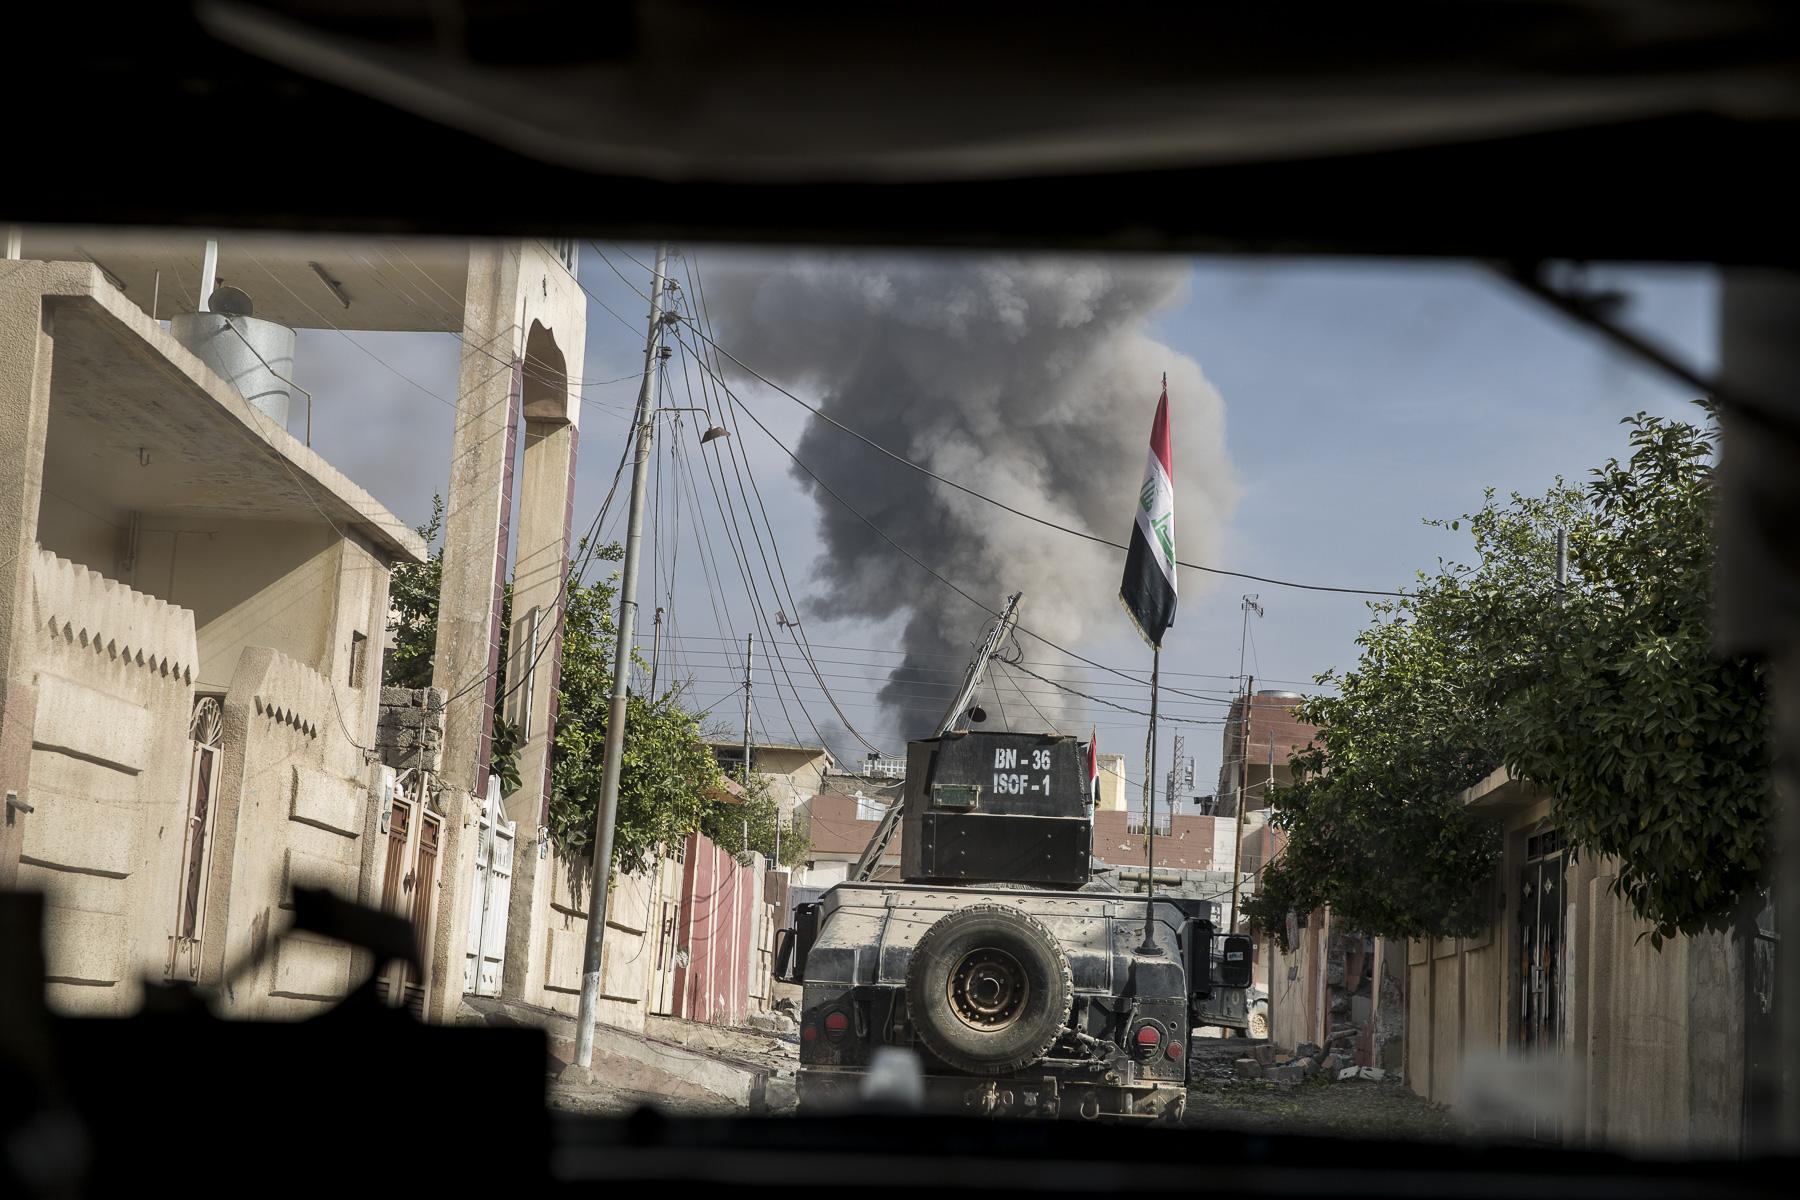 Les troupes de la Golden Division s'enfonce toujours un peu plus dans Mossul, leur mission est de sécuriser les centaines de maisons des quartiers à nouveau sous leur contrôle.